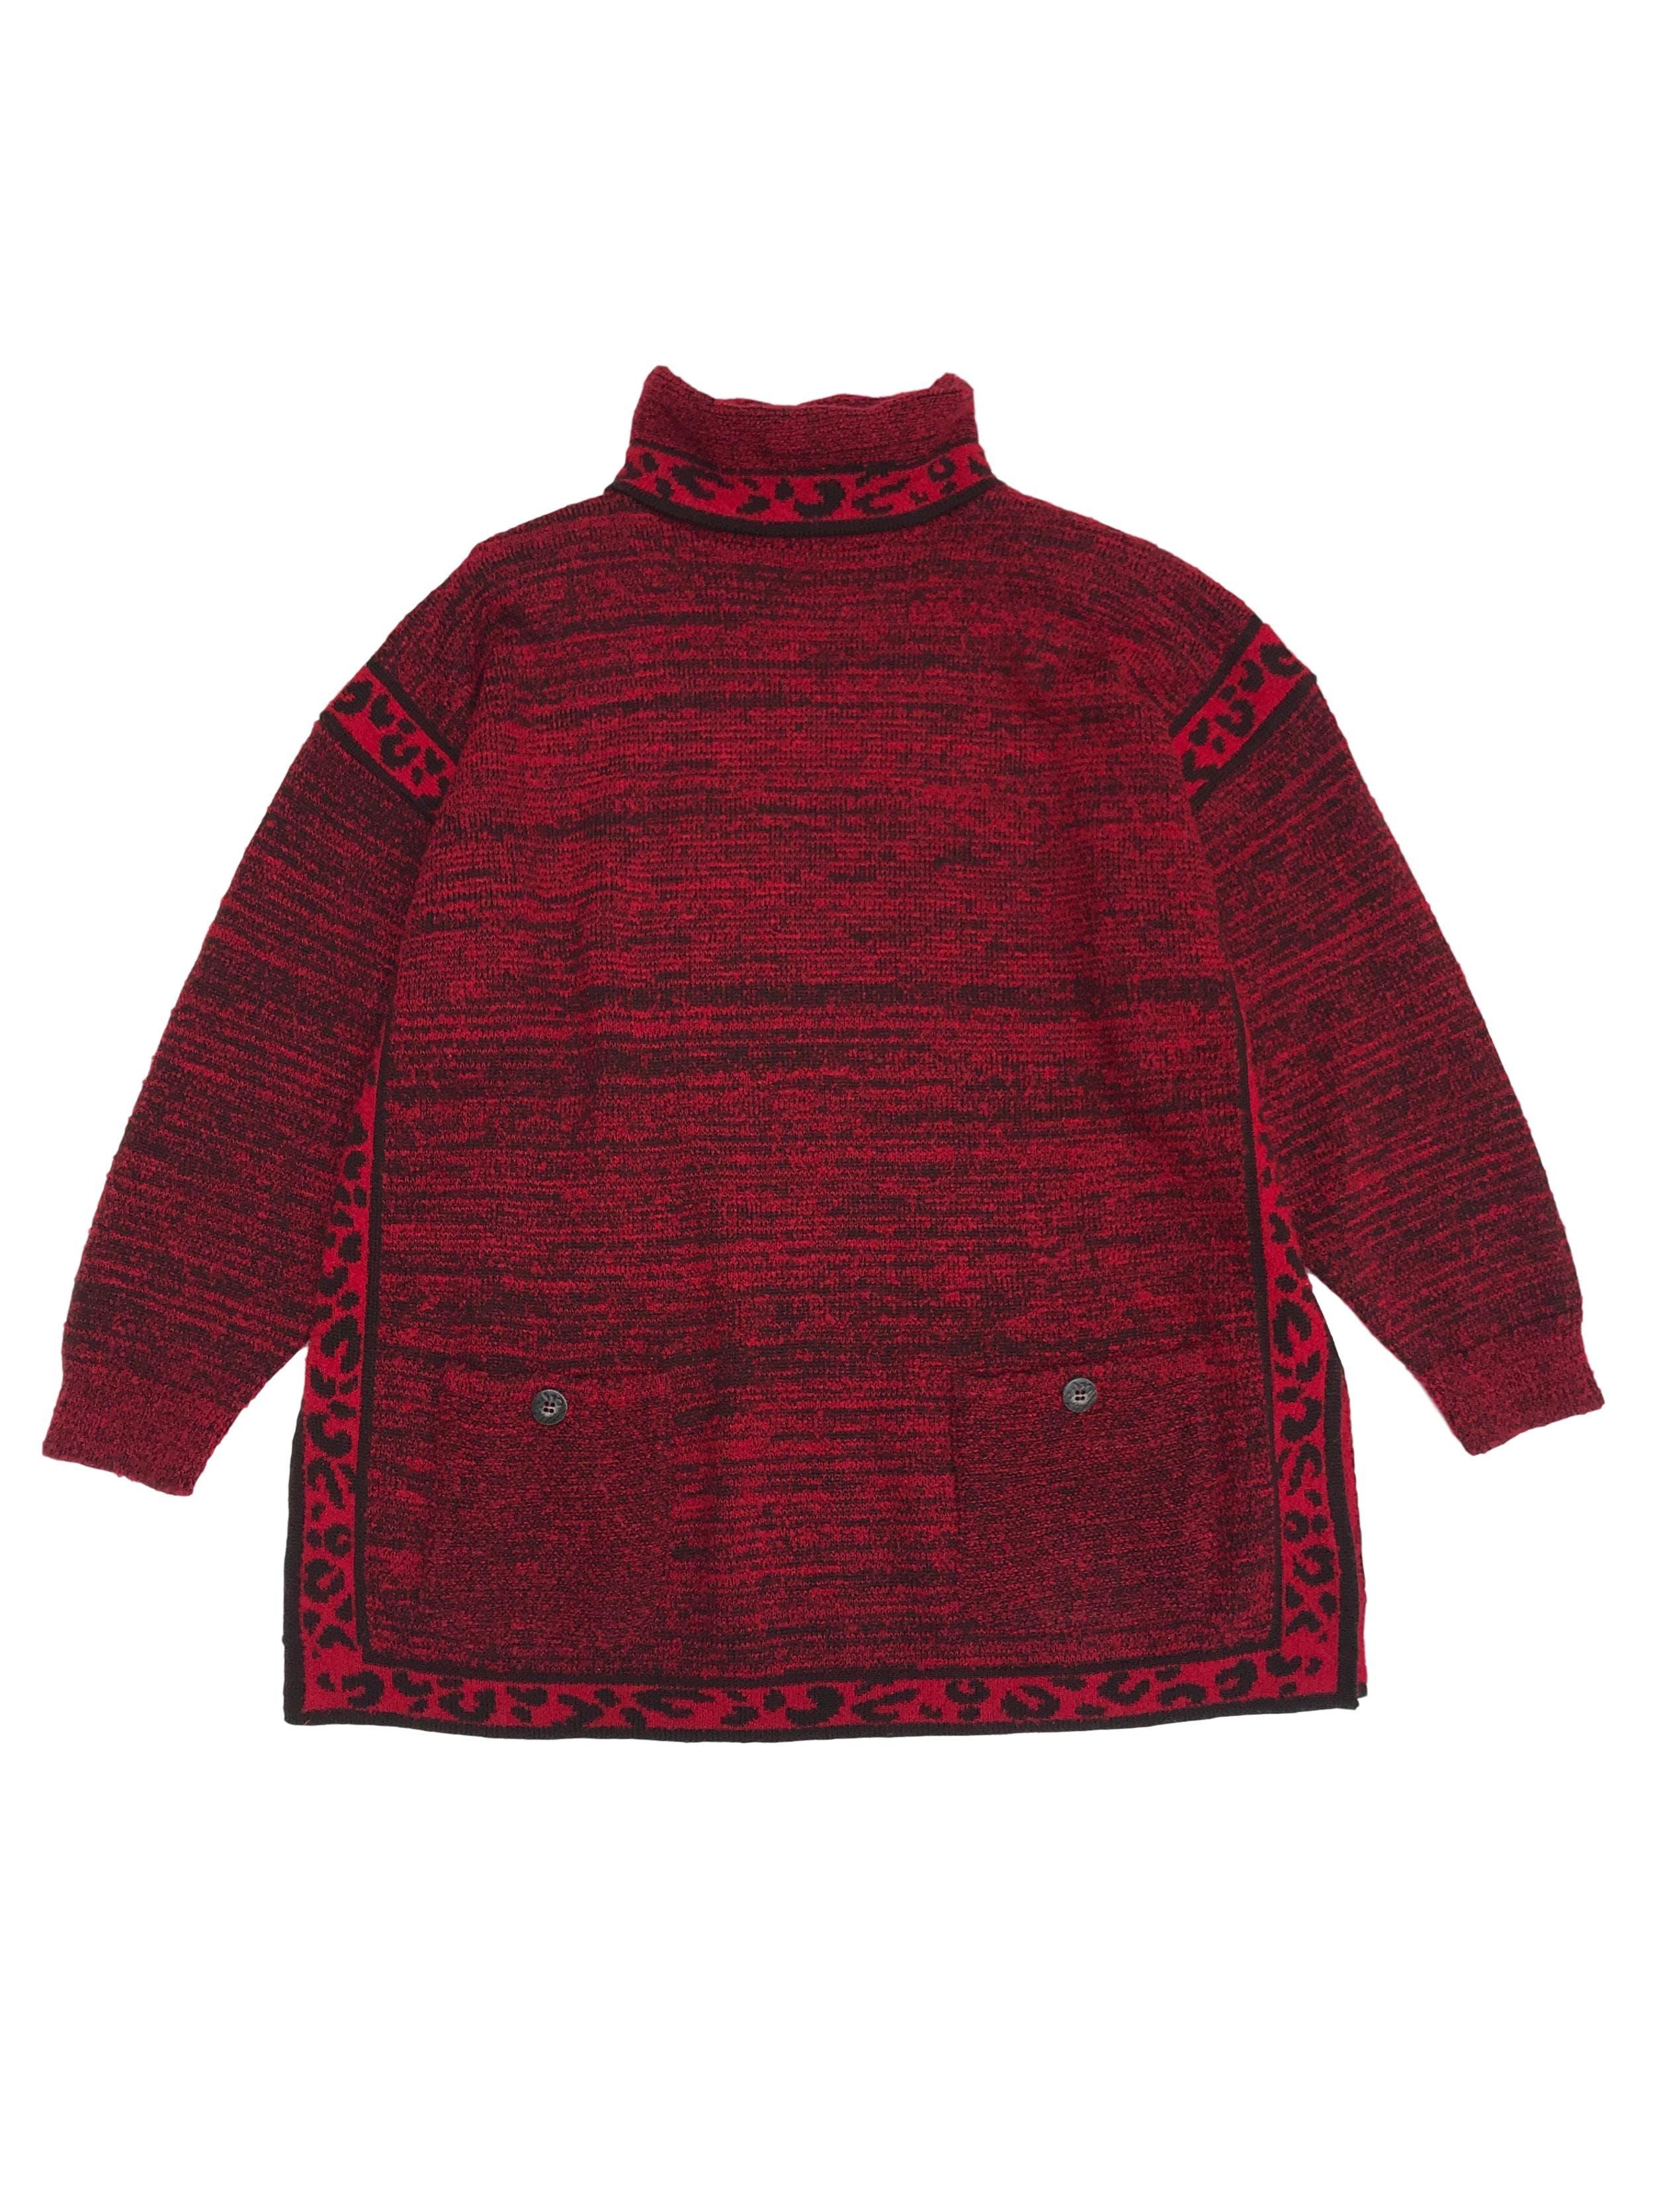 Chompa vintage oversize roja con jaspeado negro, cuello tortuga, bolsillos delanteros y aberturas laterales. Largo 74cm